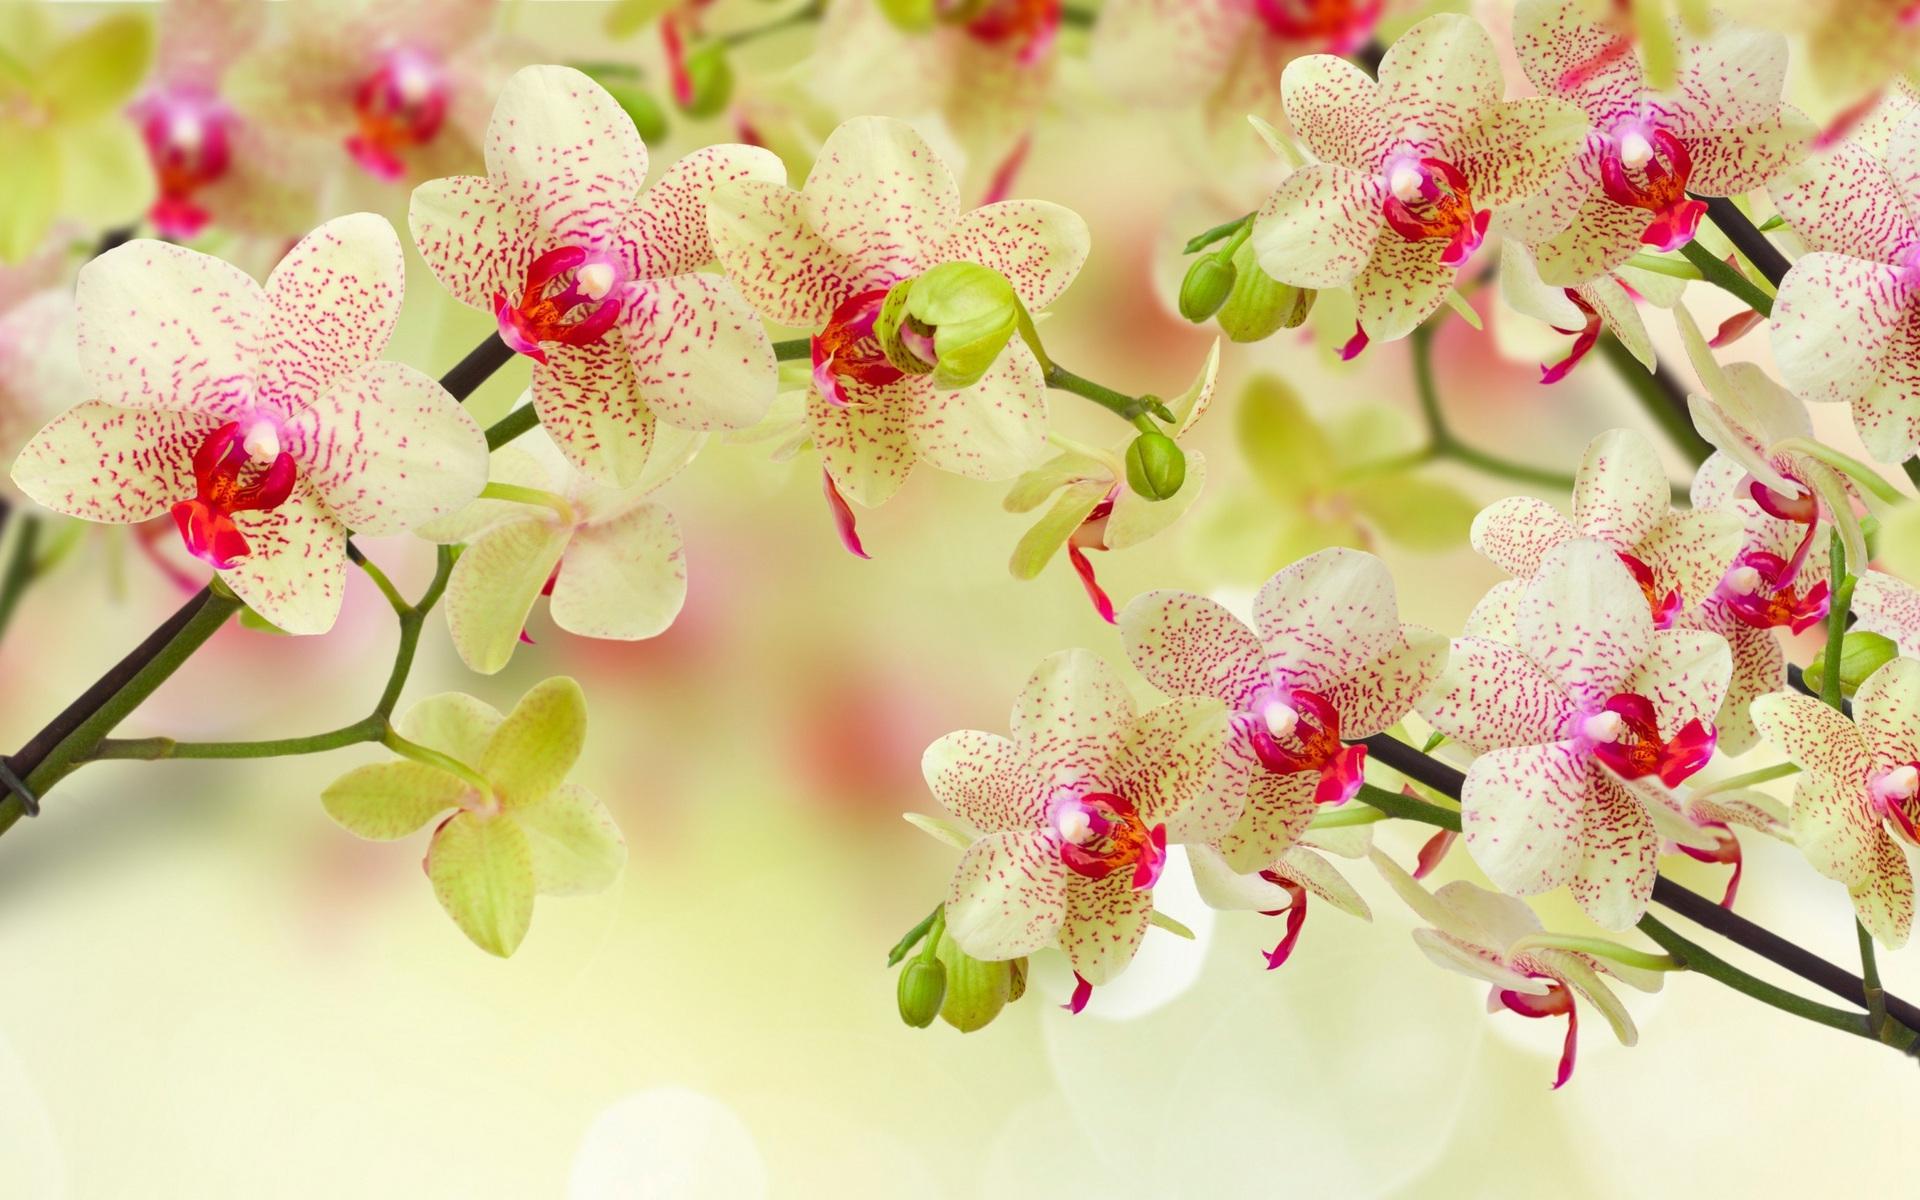 Картинки цветущих цветов для рабочего стола